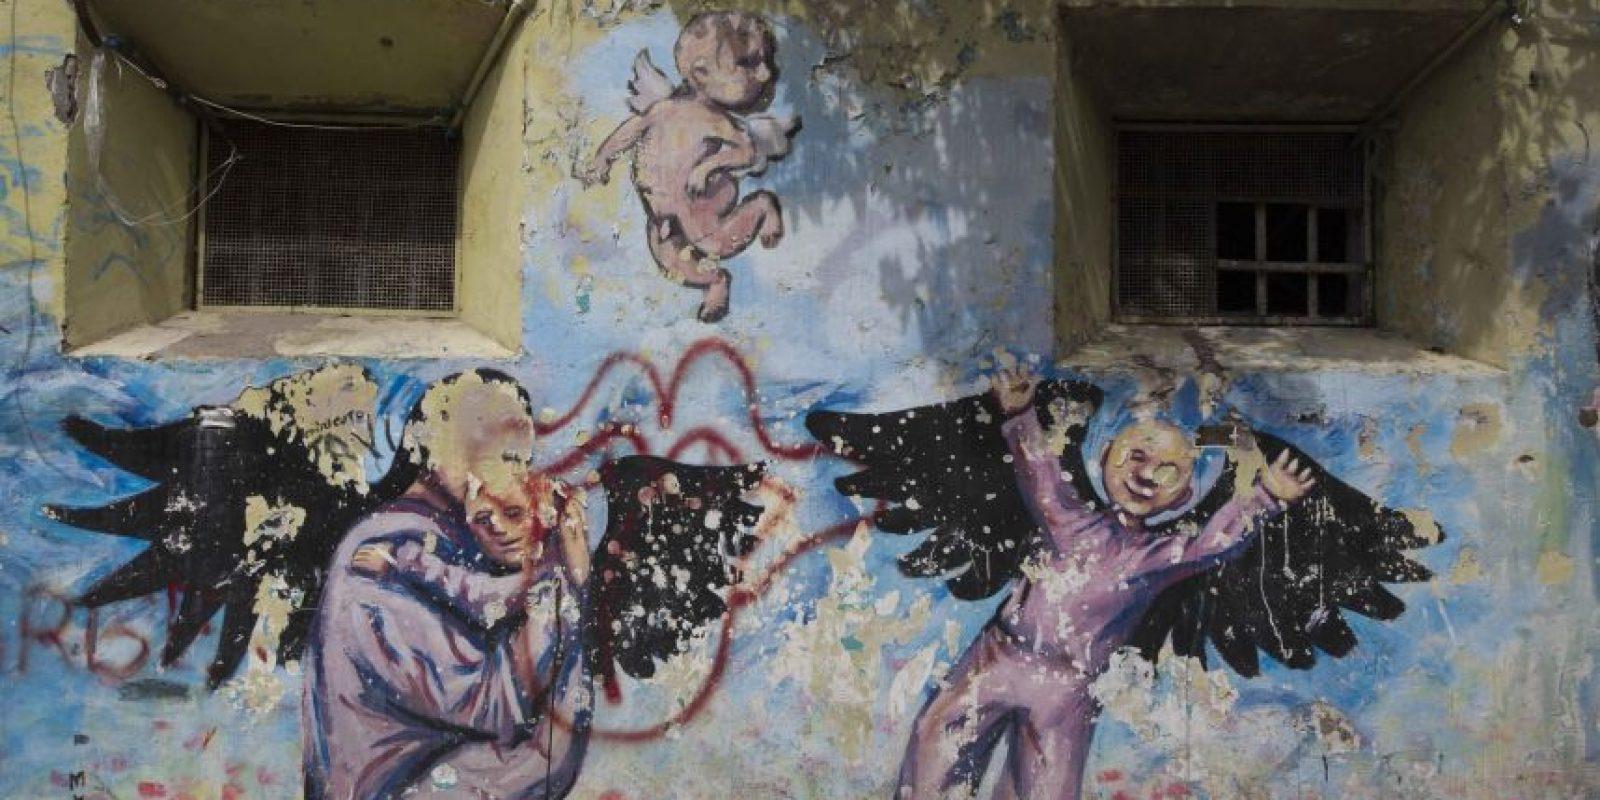 En esta imagen del 16 de abril de 2015, un mural pintado por presos en el patio del ahora vacío penal García Moreno, durante una visita guiada al público en Quito, Ecuador. El psicólogo Óscar Ortiz, que trabajó con los internos entre estos muros, organizó a artistas locales para que colaborasen con los prisioneros para adornar los muros con pinturas. Foto:AP/ Dolores Ochoa